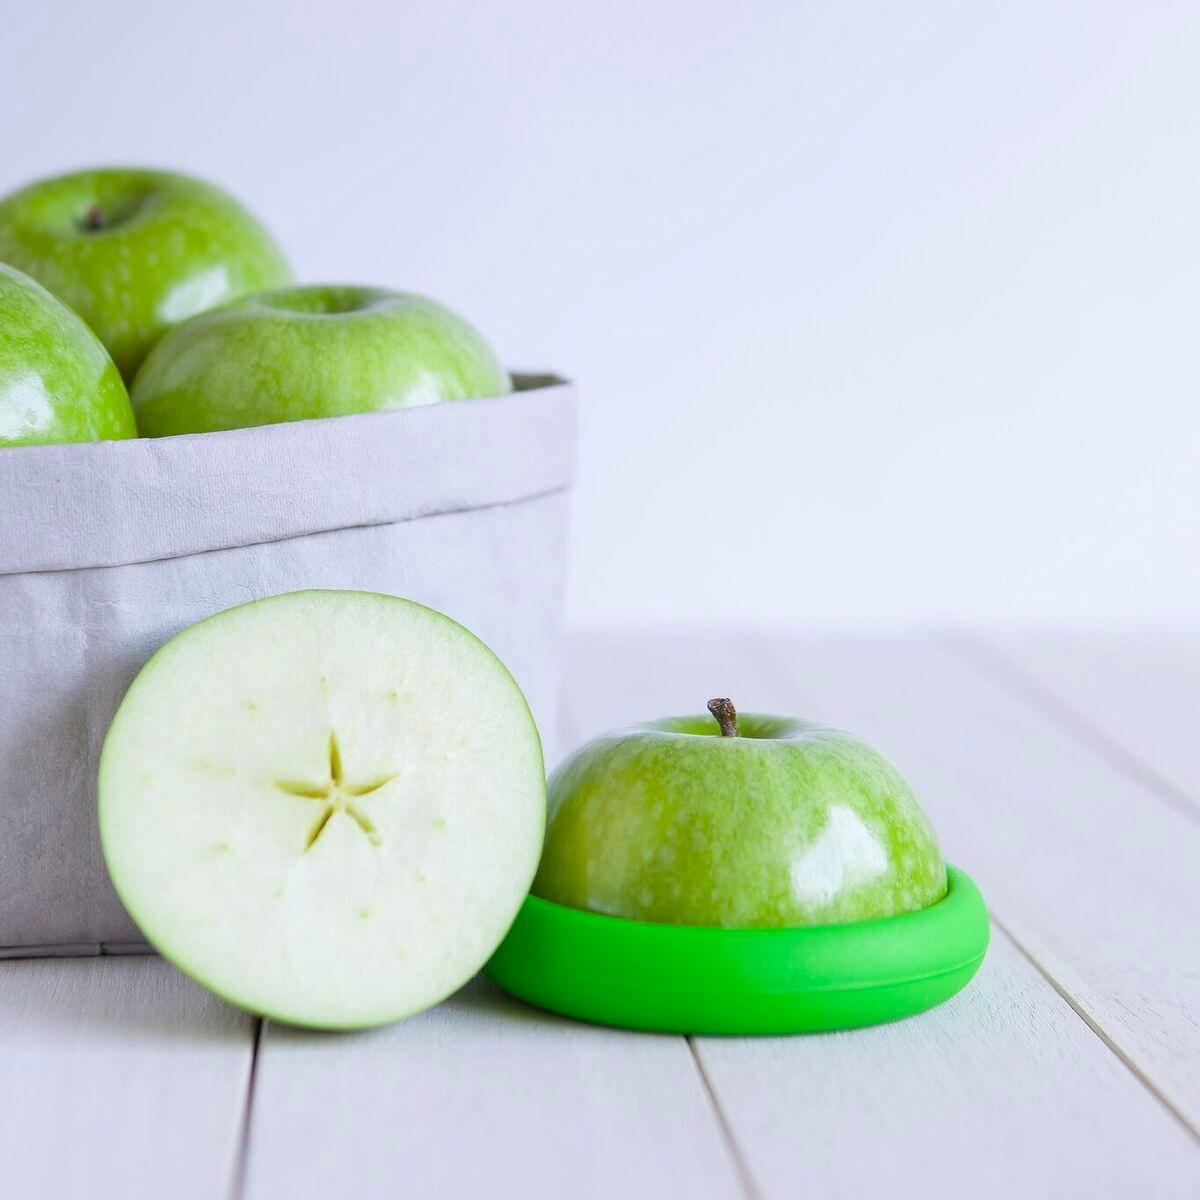 Fruit hugger from Uncommon Goods